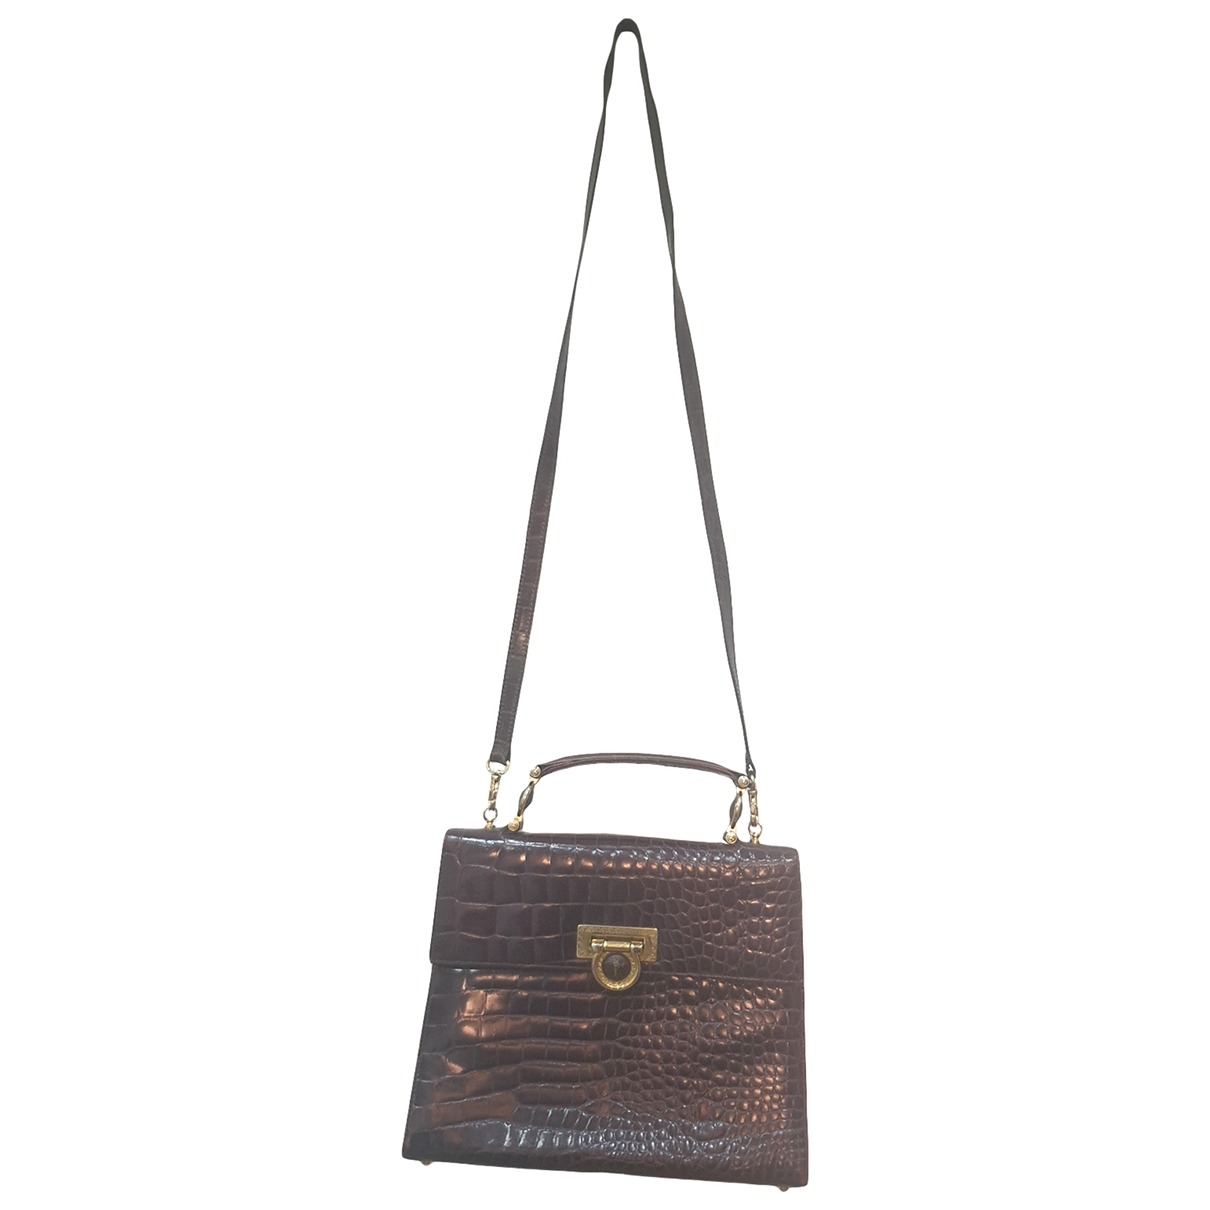 Gianni Versace \N Handtasche in  Braun Leder